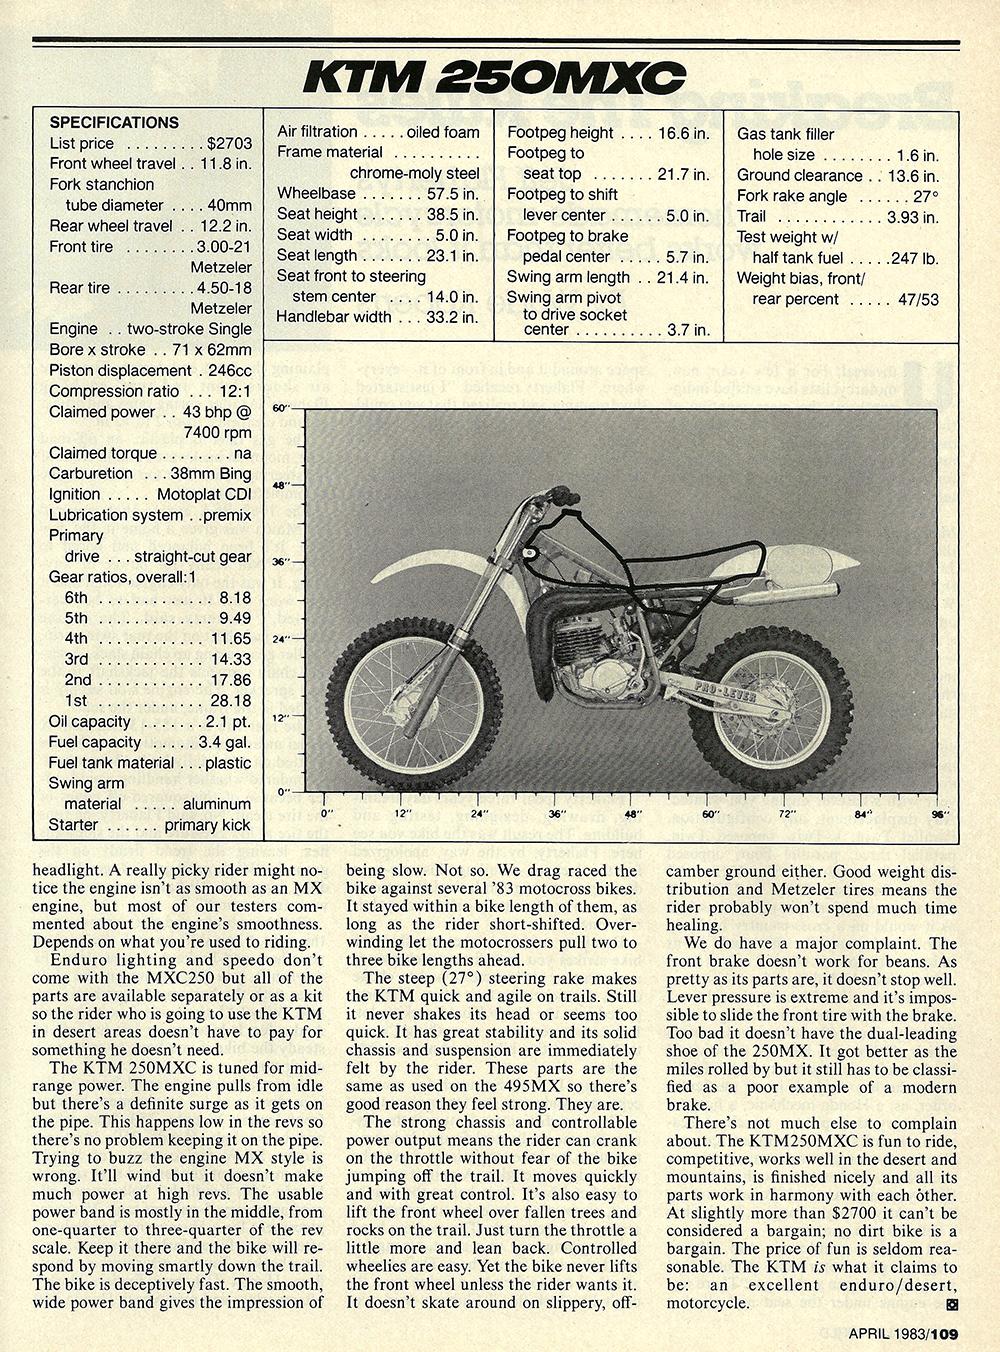 1983 KTM 250MXC road test 06.jpg